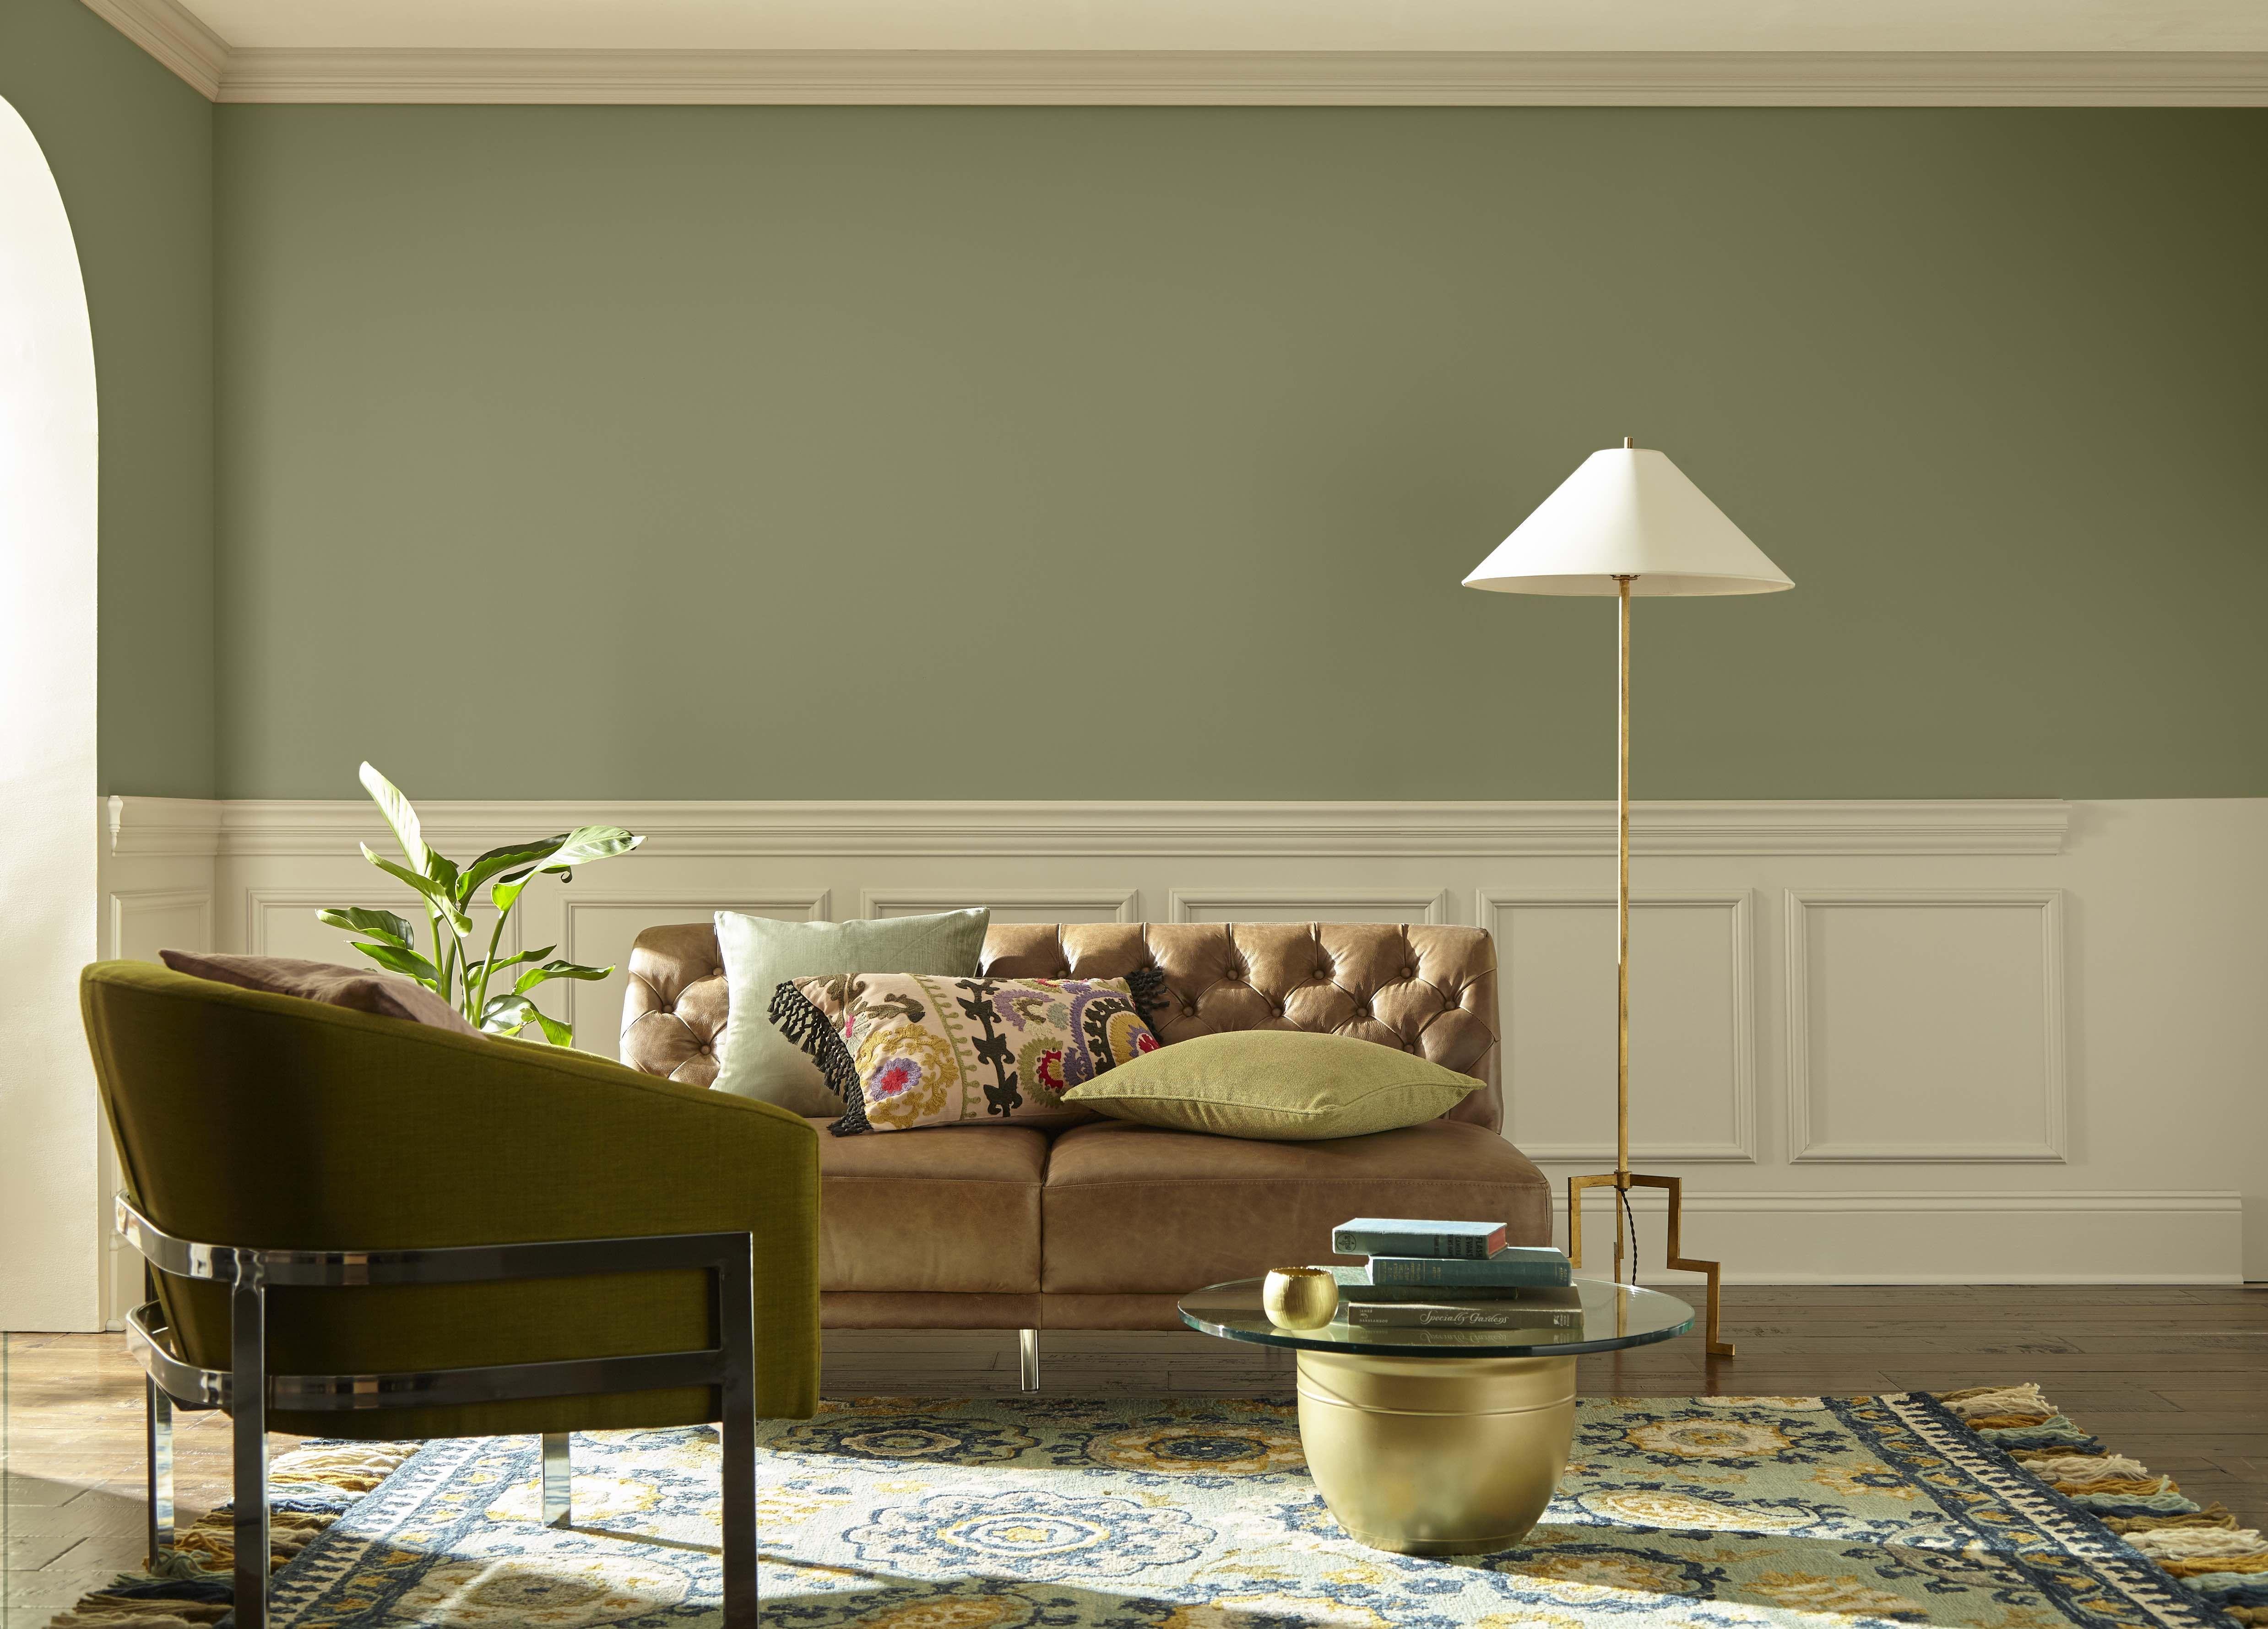 Living Room Green Wall Paint Colors Novocom Top